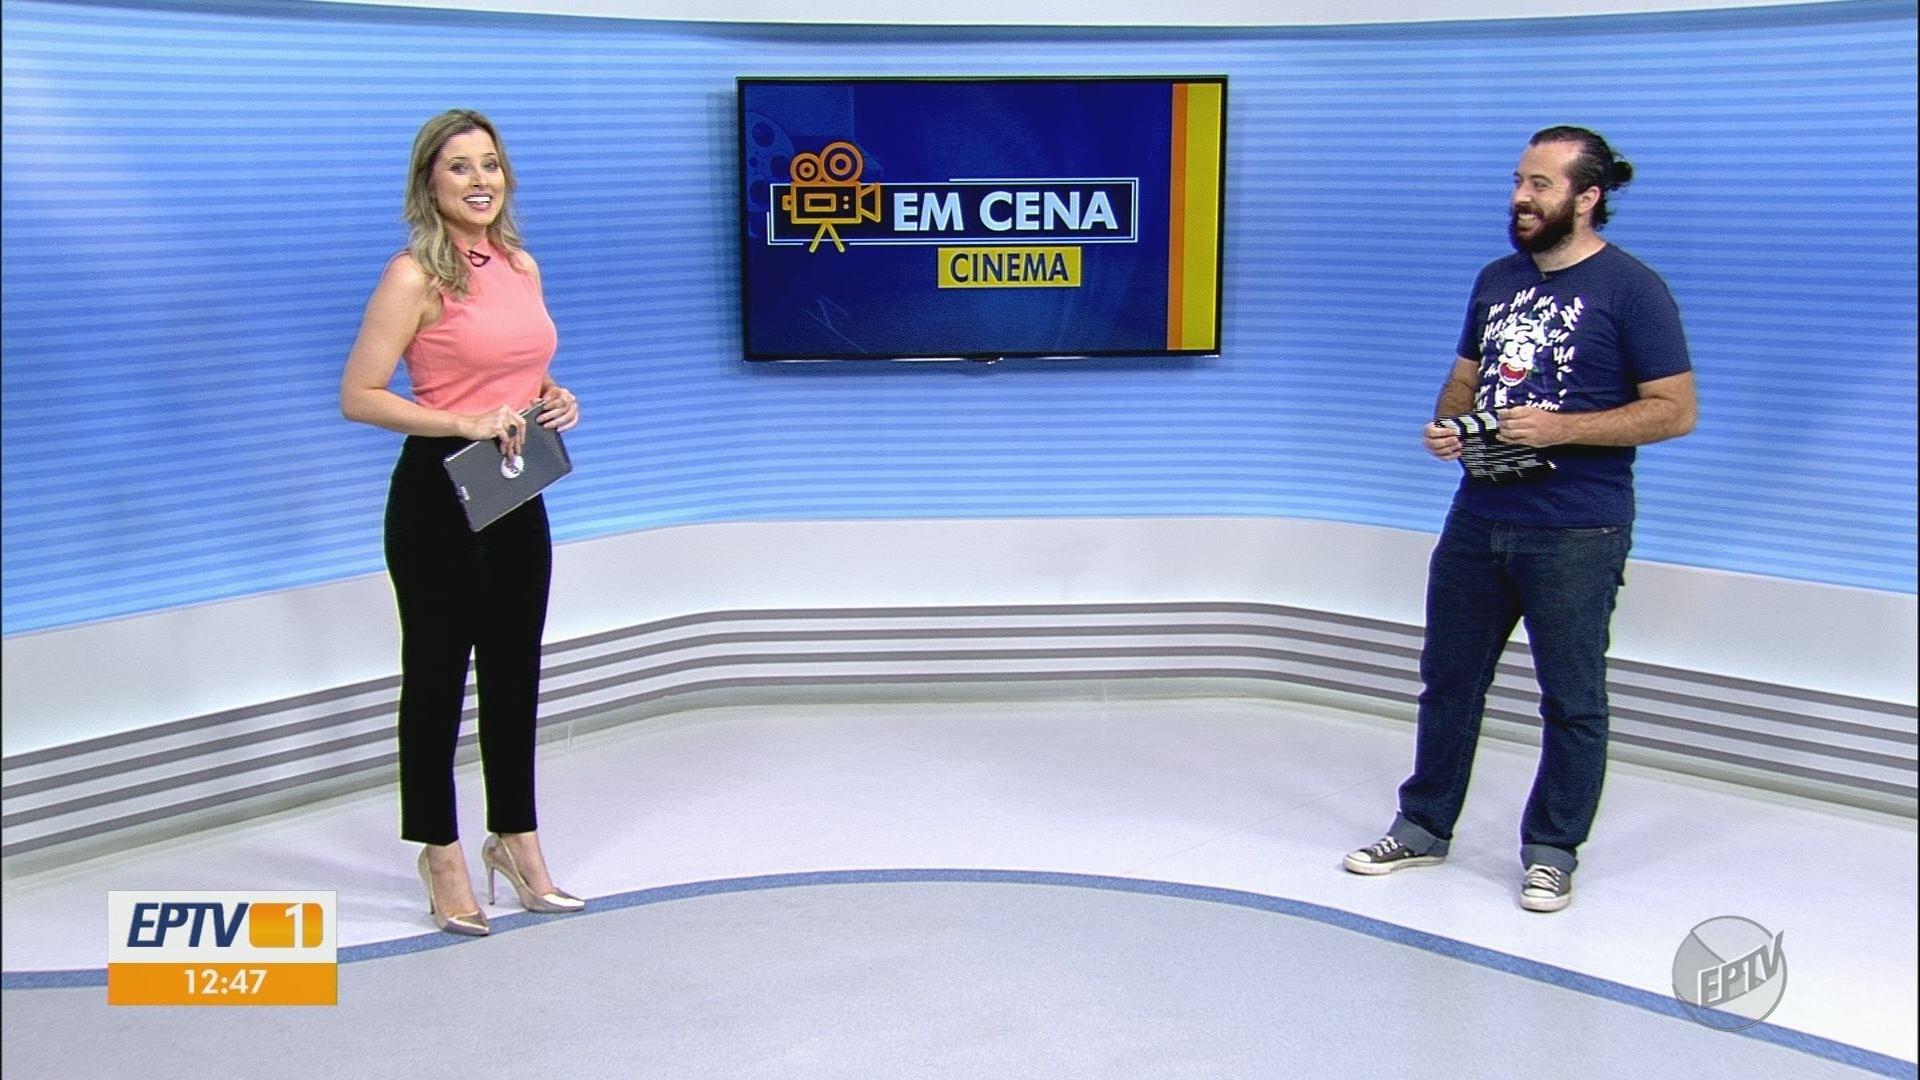 VÍDEOS: EPTV 1 Sul de Minas de quinta-feira, 1º de outubro